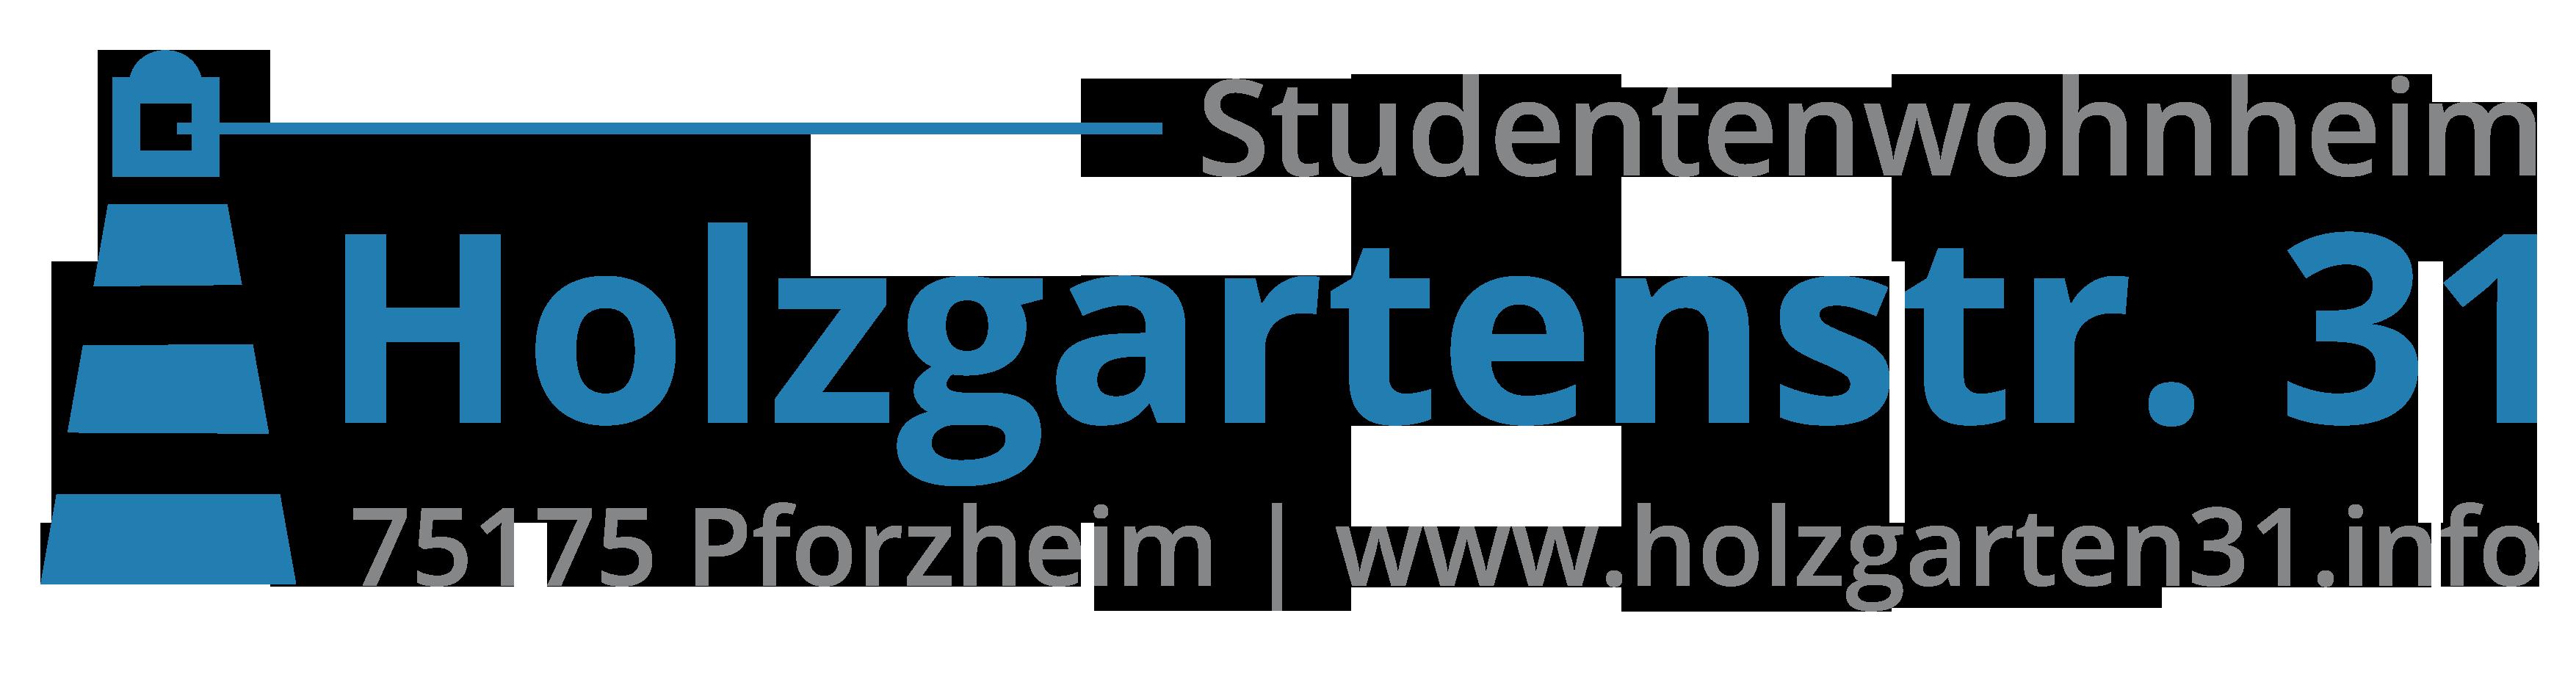 Studentenwohnheim Holzgartenstr. 31